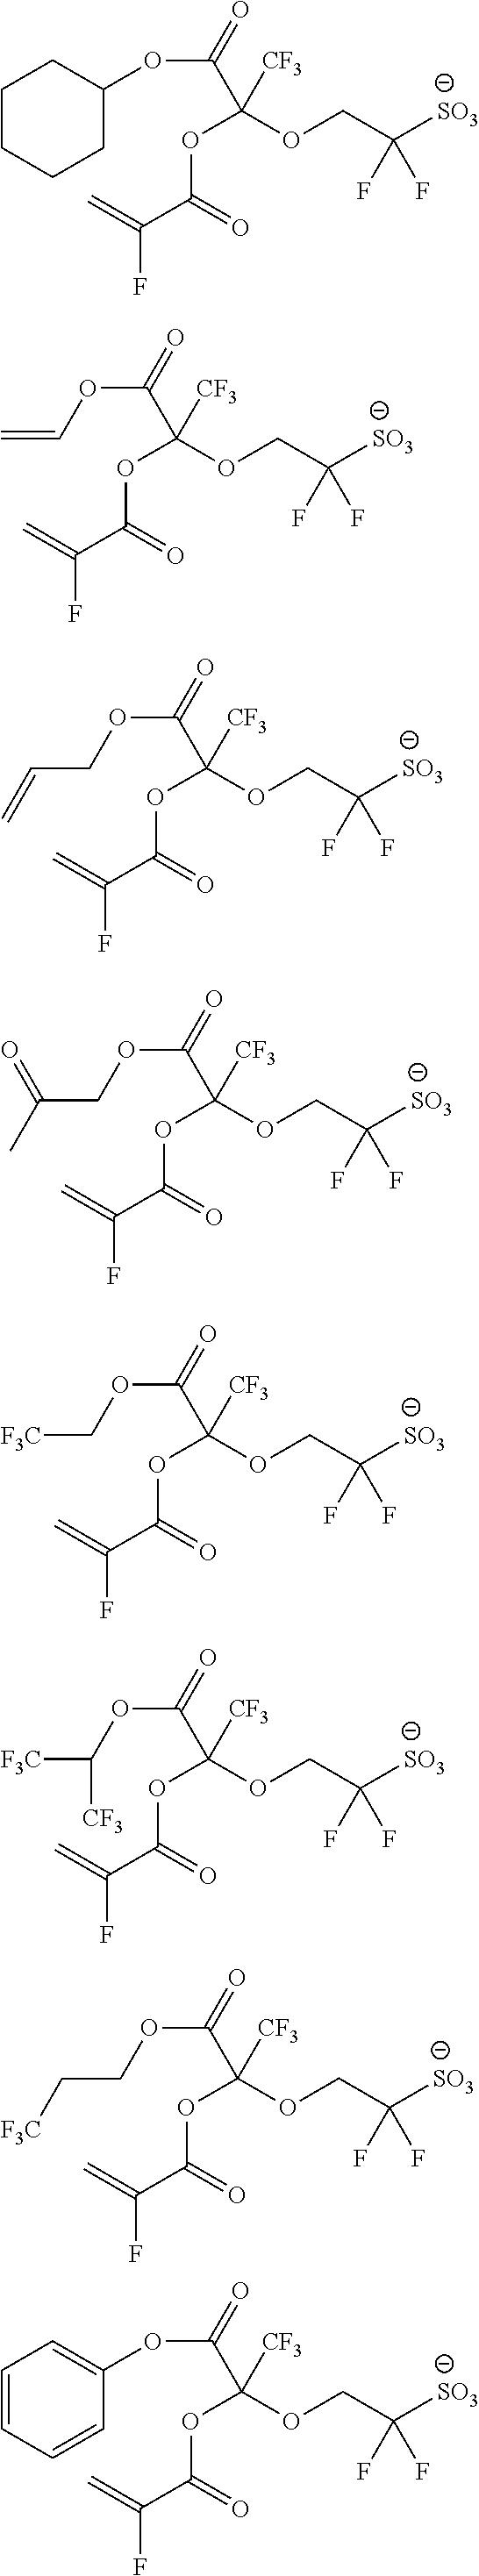 Figure US09182664-20151110-C00034